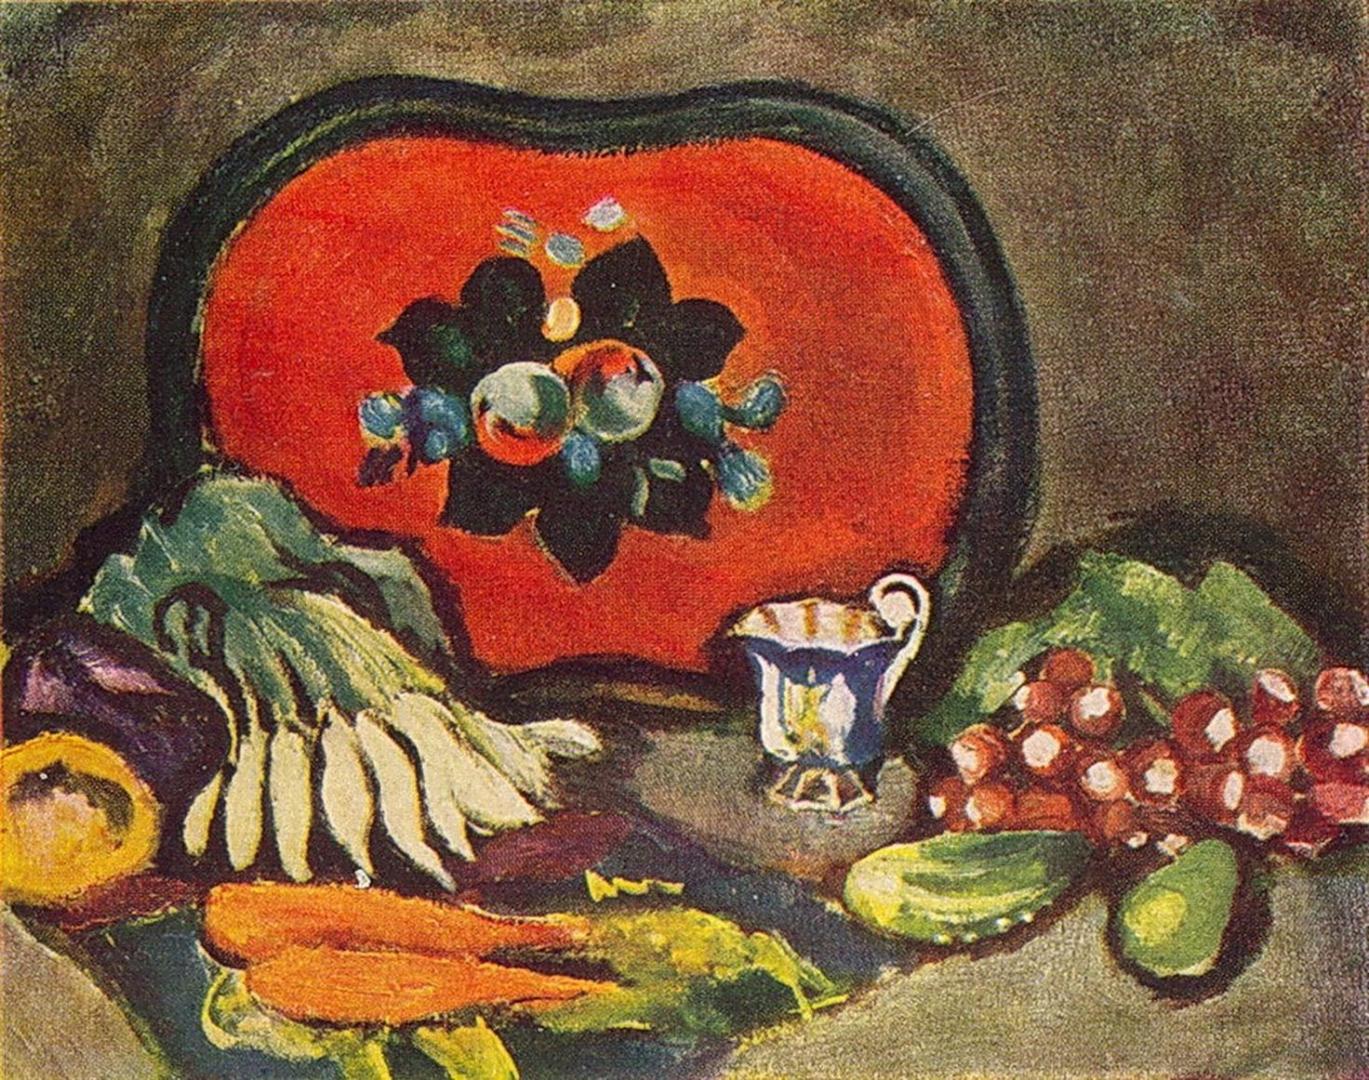 Петр Кончаловский. Натюрморт. Поднос и овощи. 1910